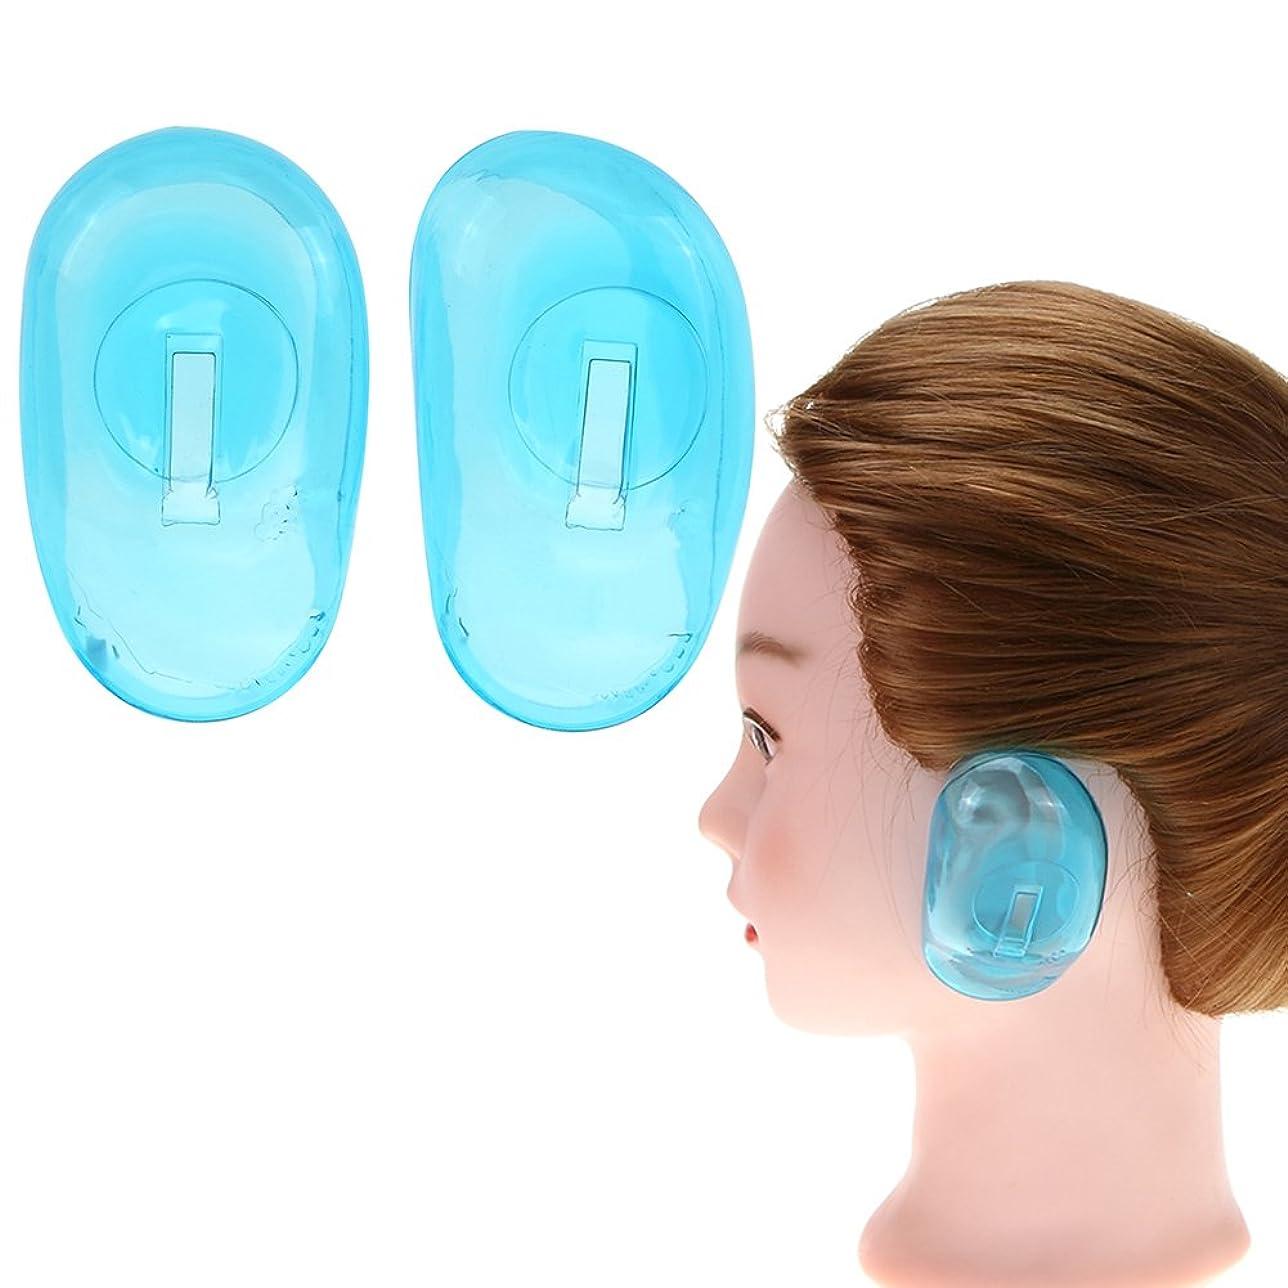 ファウル貞身元Ruier-tong 1ペア耳カバー 毛染め用 シリコン製 耳キャップ 柔らかいイヤーキャップ ヘアカラー シャワー 耳保護 ヘアケアツール サロン 洗える 繰り返す使用可能 エコ 8.5x5cm